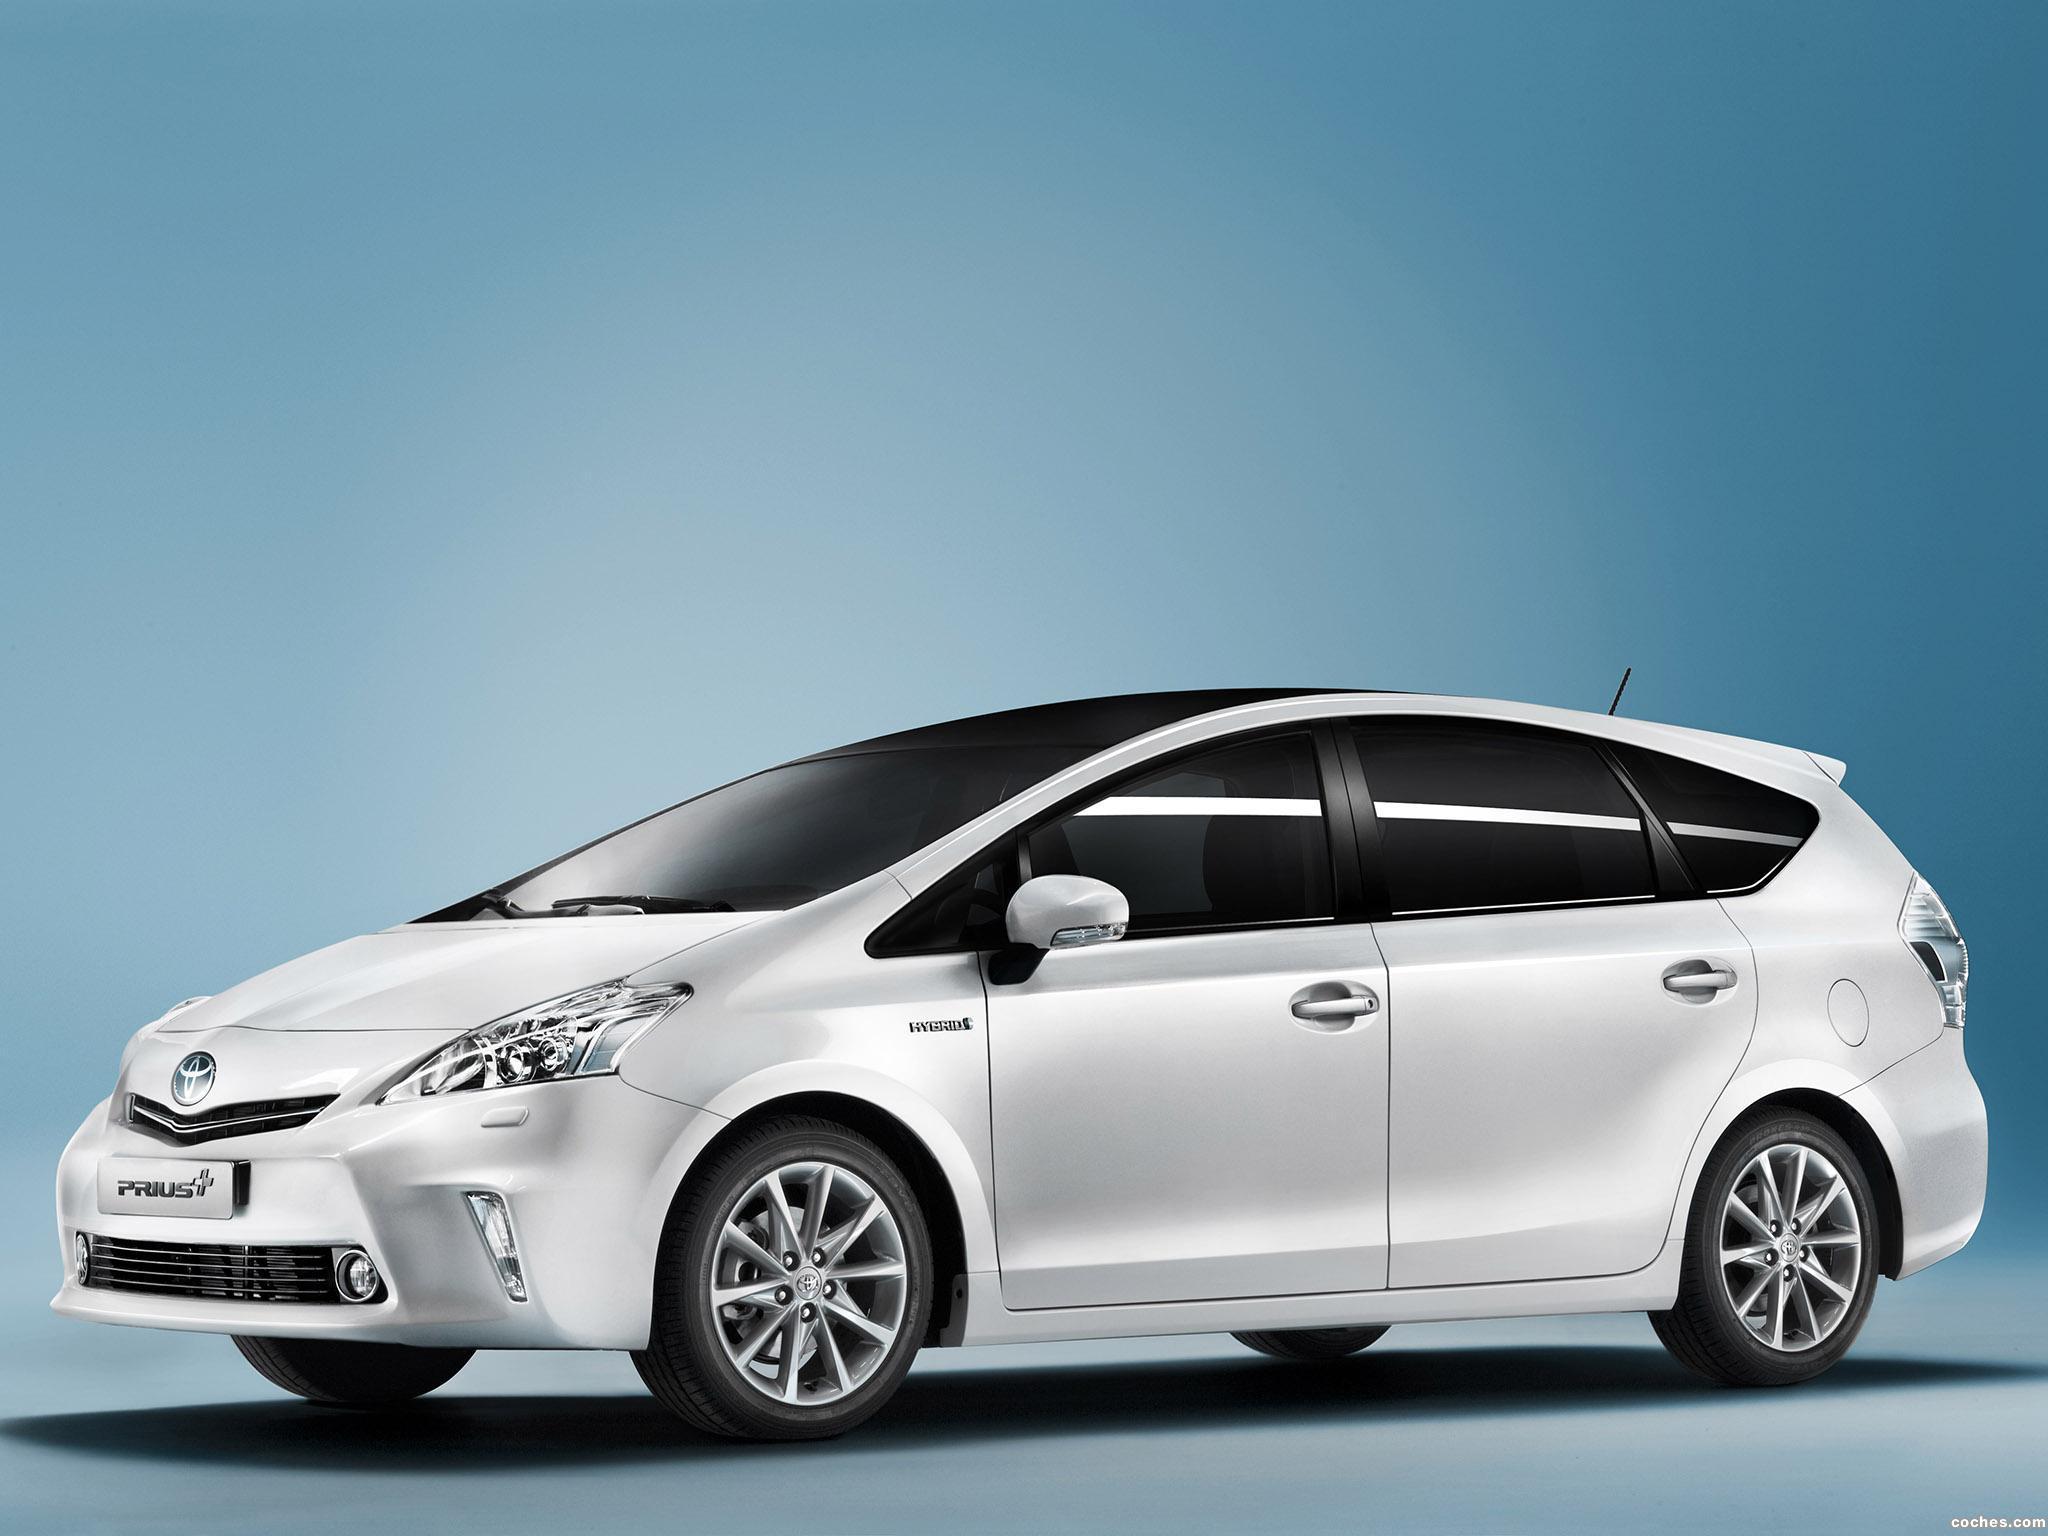 Foto 0 de Toyota Prius Plus Hybrid MPV 2011